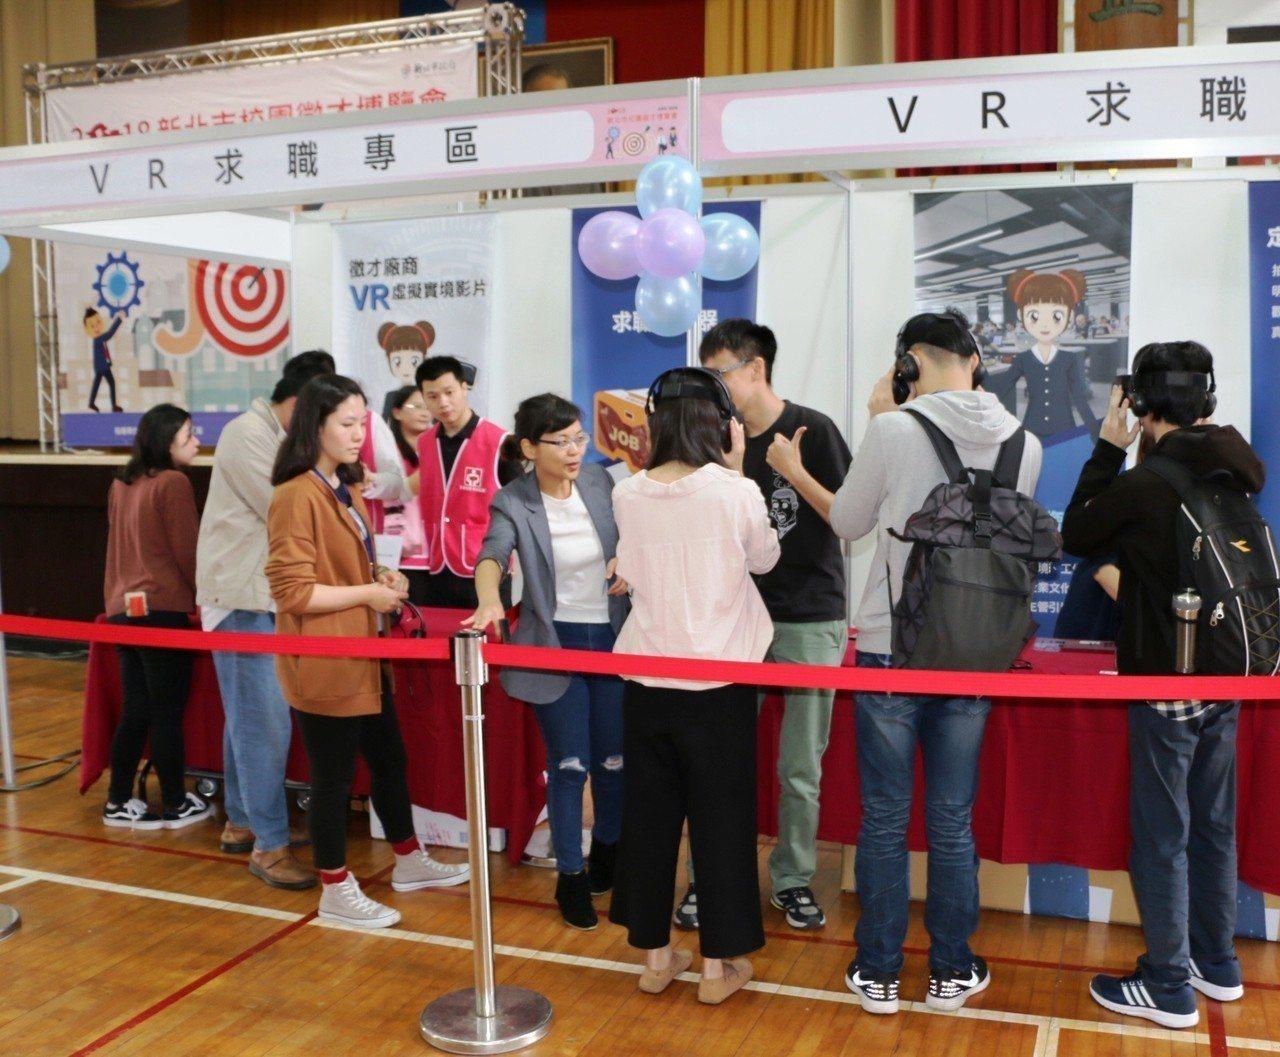 淡江大學率先在本周三(10日)舉辦辦校園就業博覽會,現場另規劃VR科技求職體驗、...